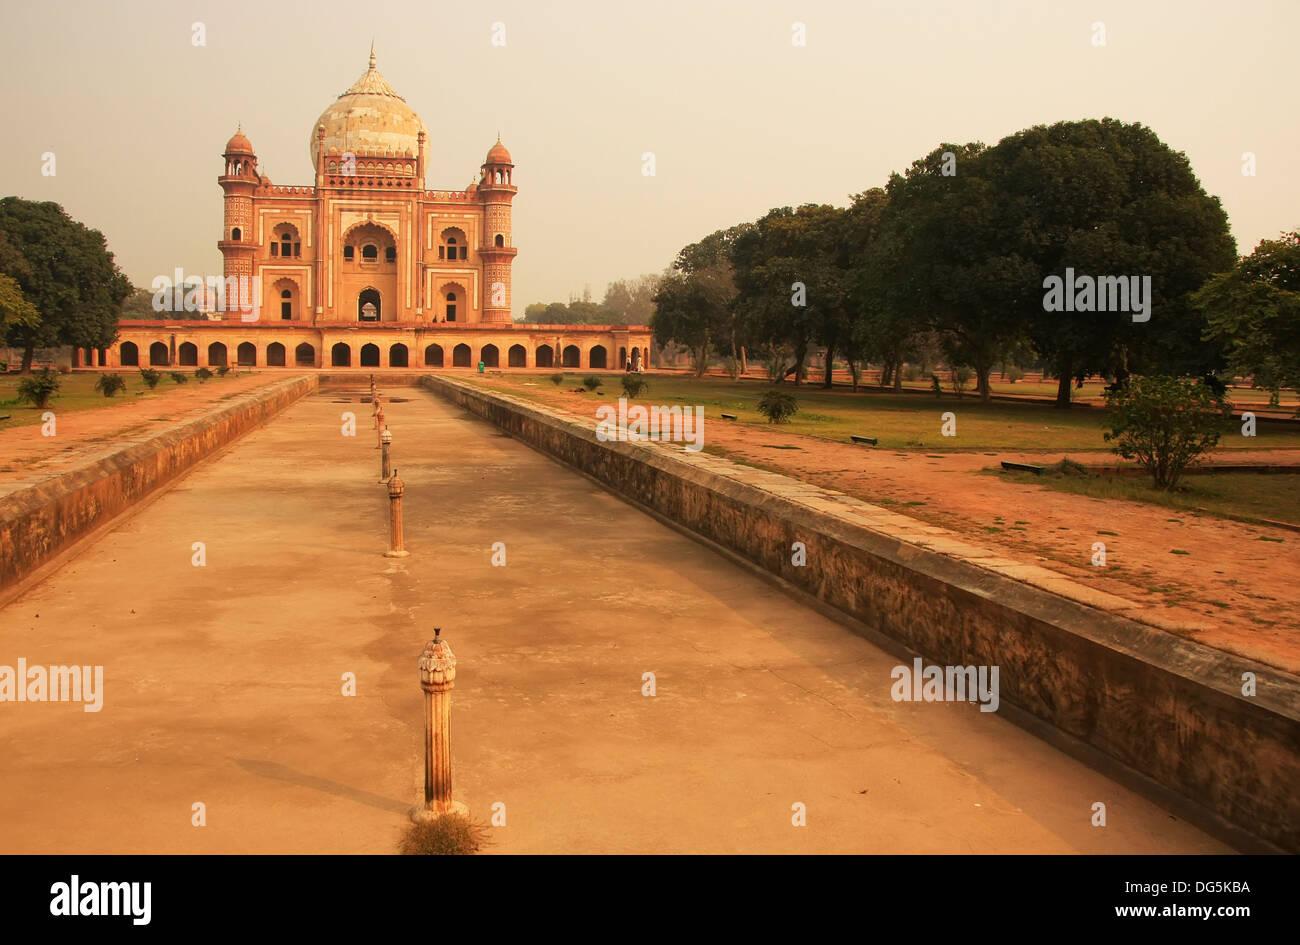 Tomb of Safdarjung, New Delhi, India - Stock Image